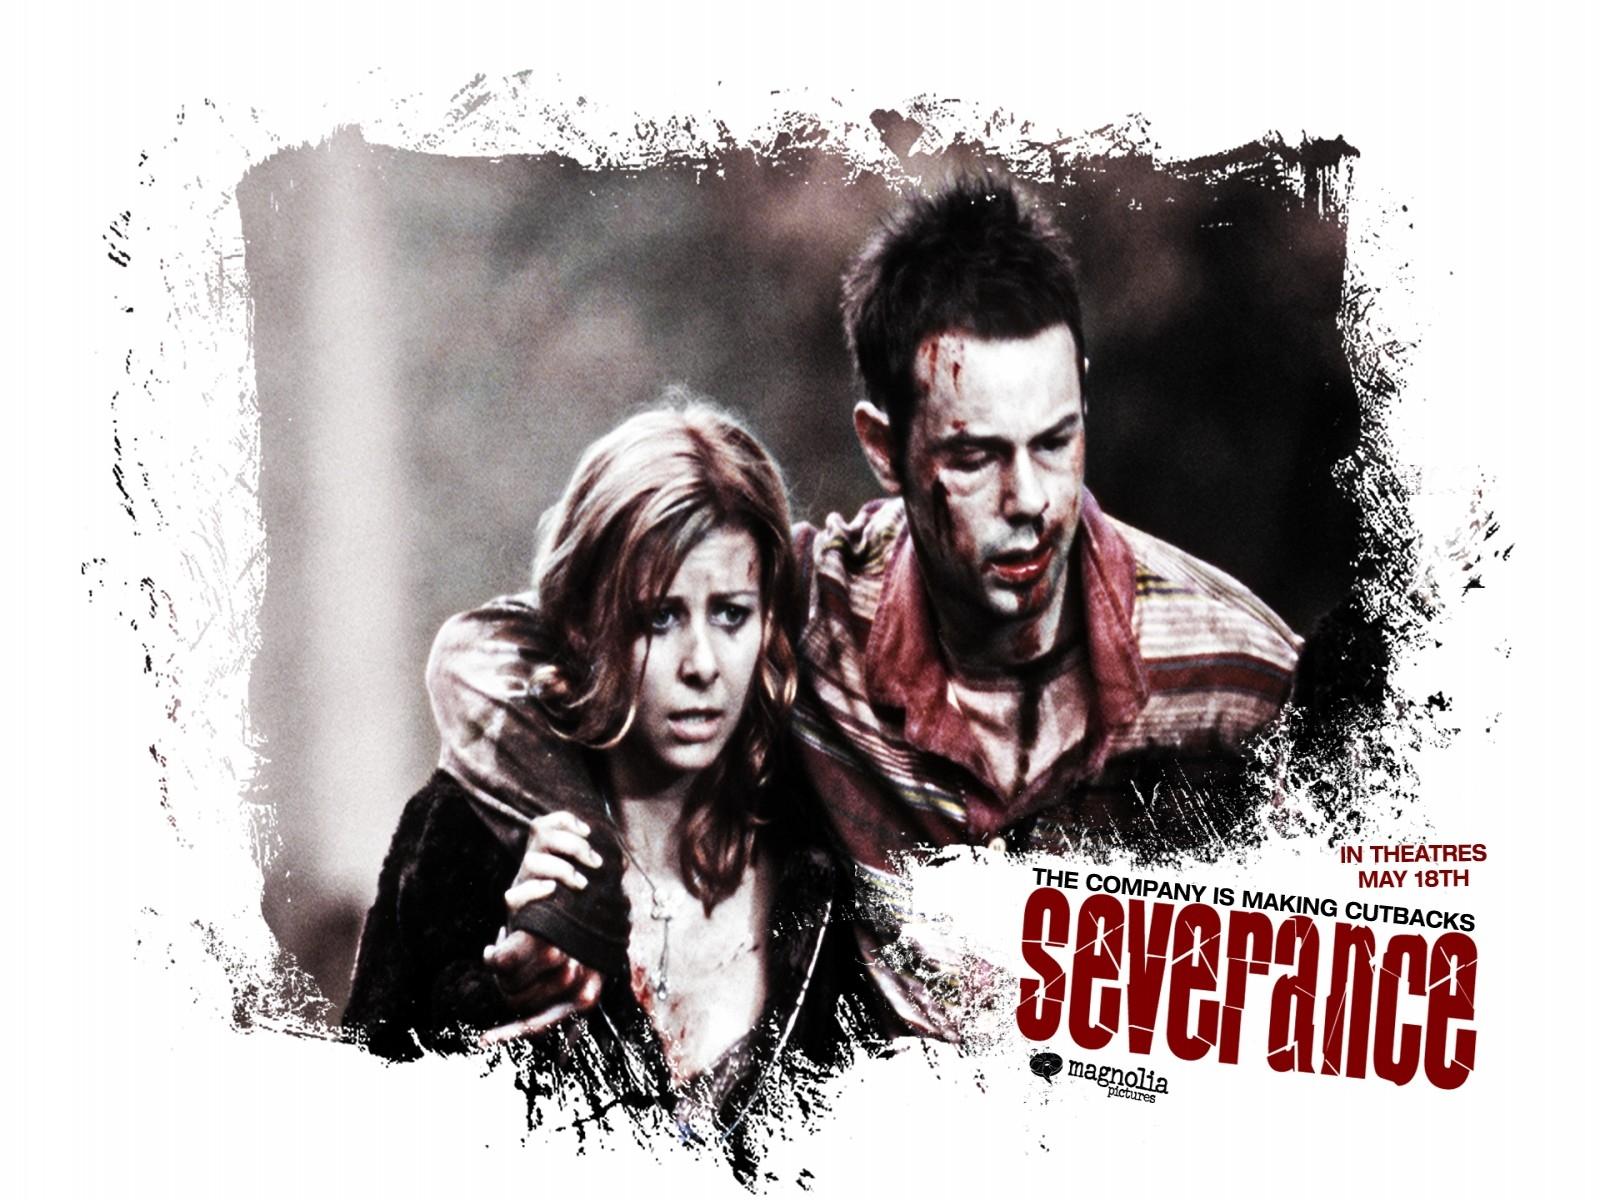 Wallpaper del film Severance